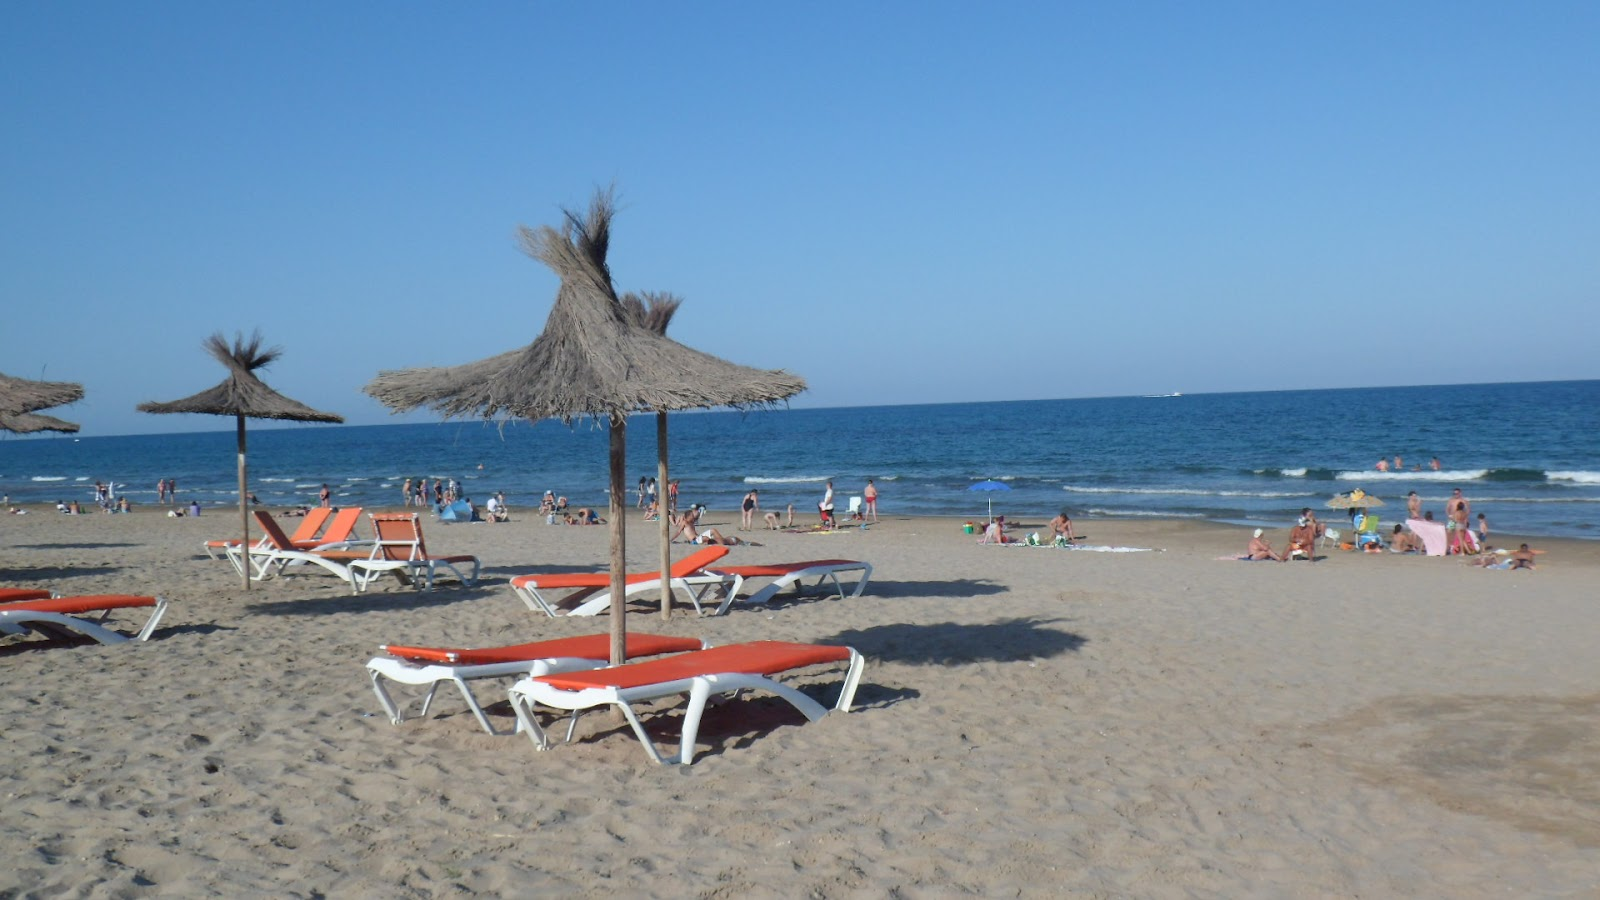 Alquilar apartamento en la playa primer ba o del verano - Apartamentos verano playa ...